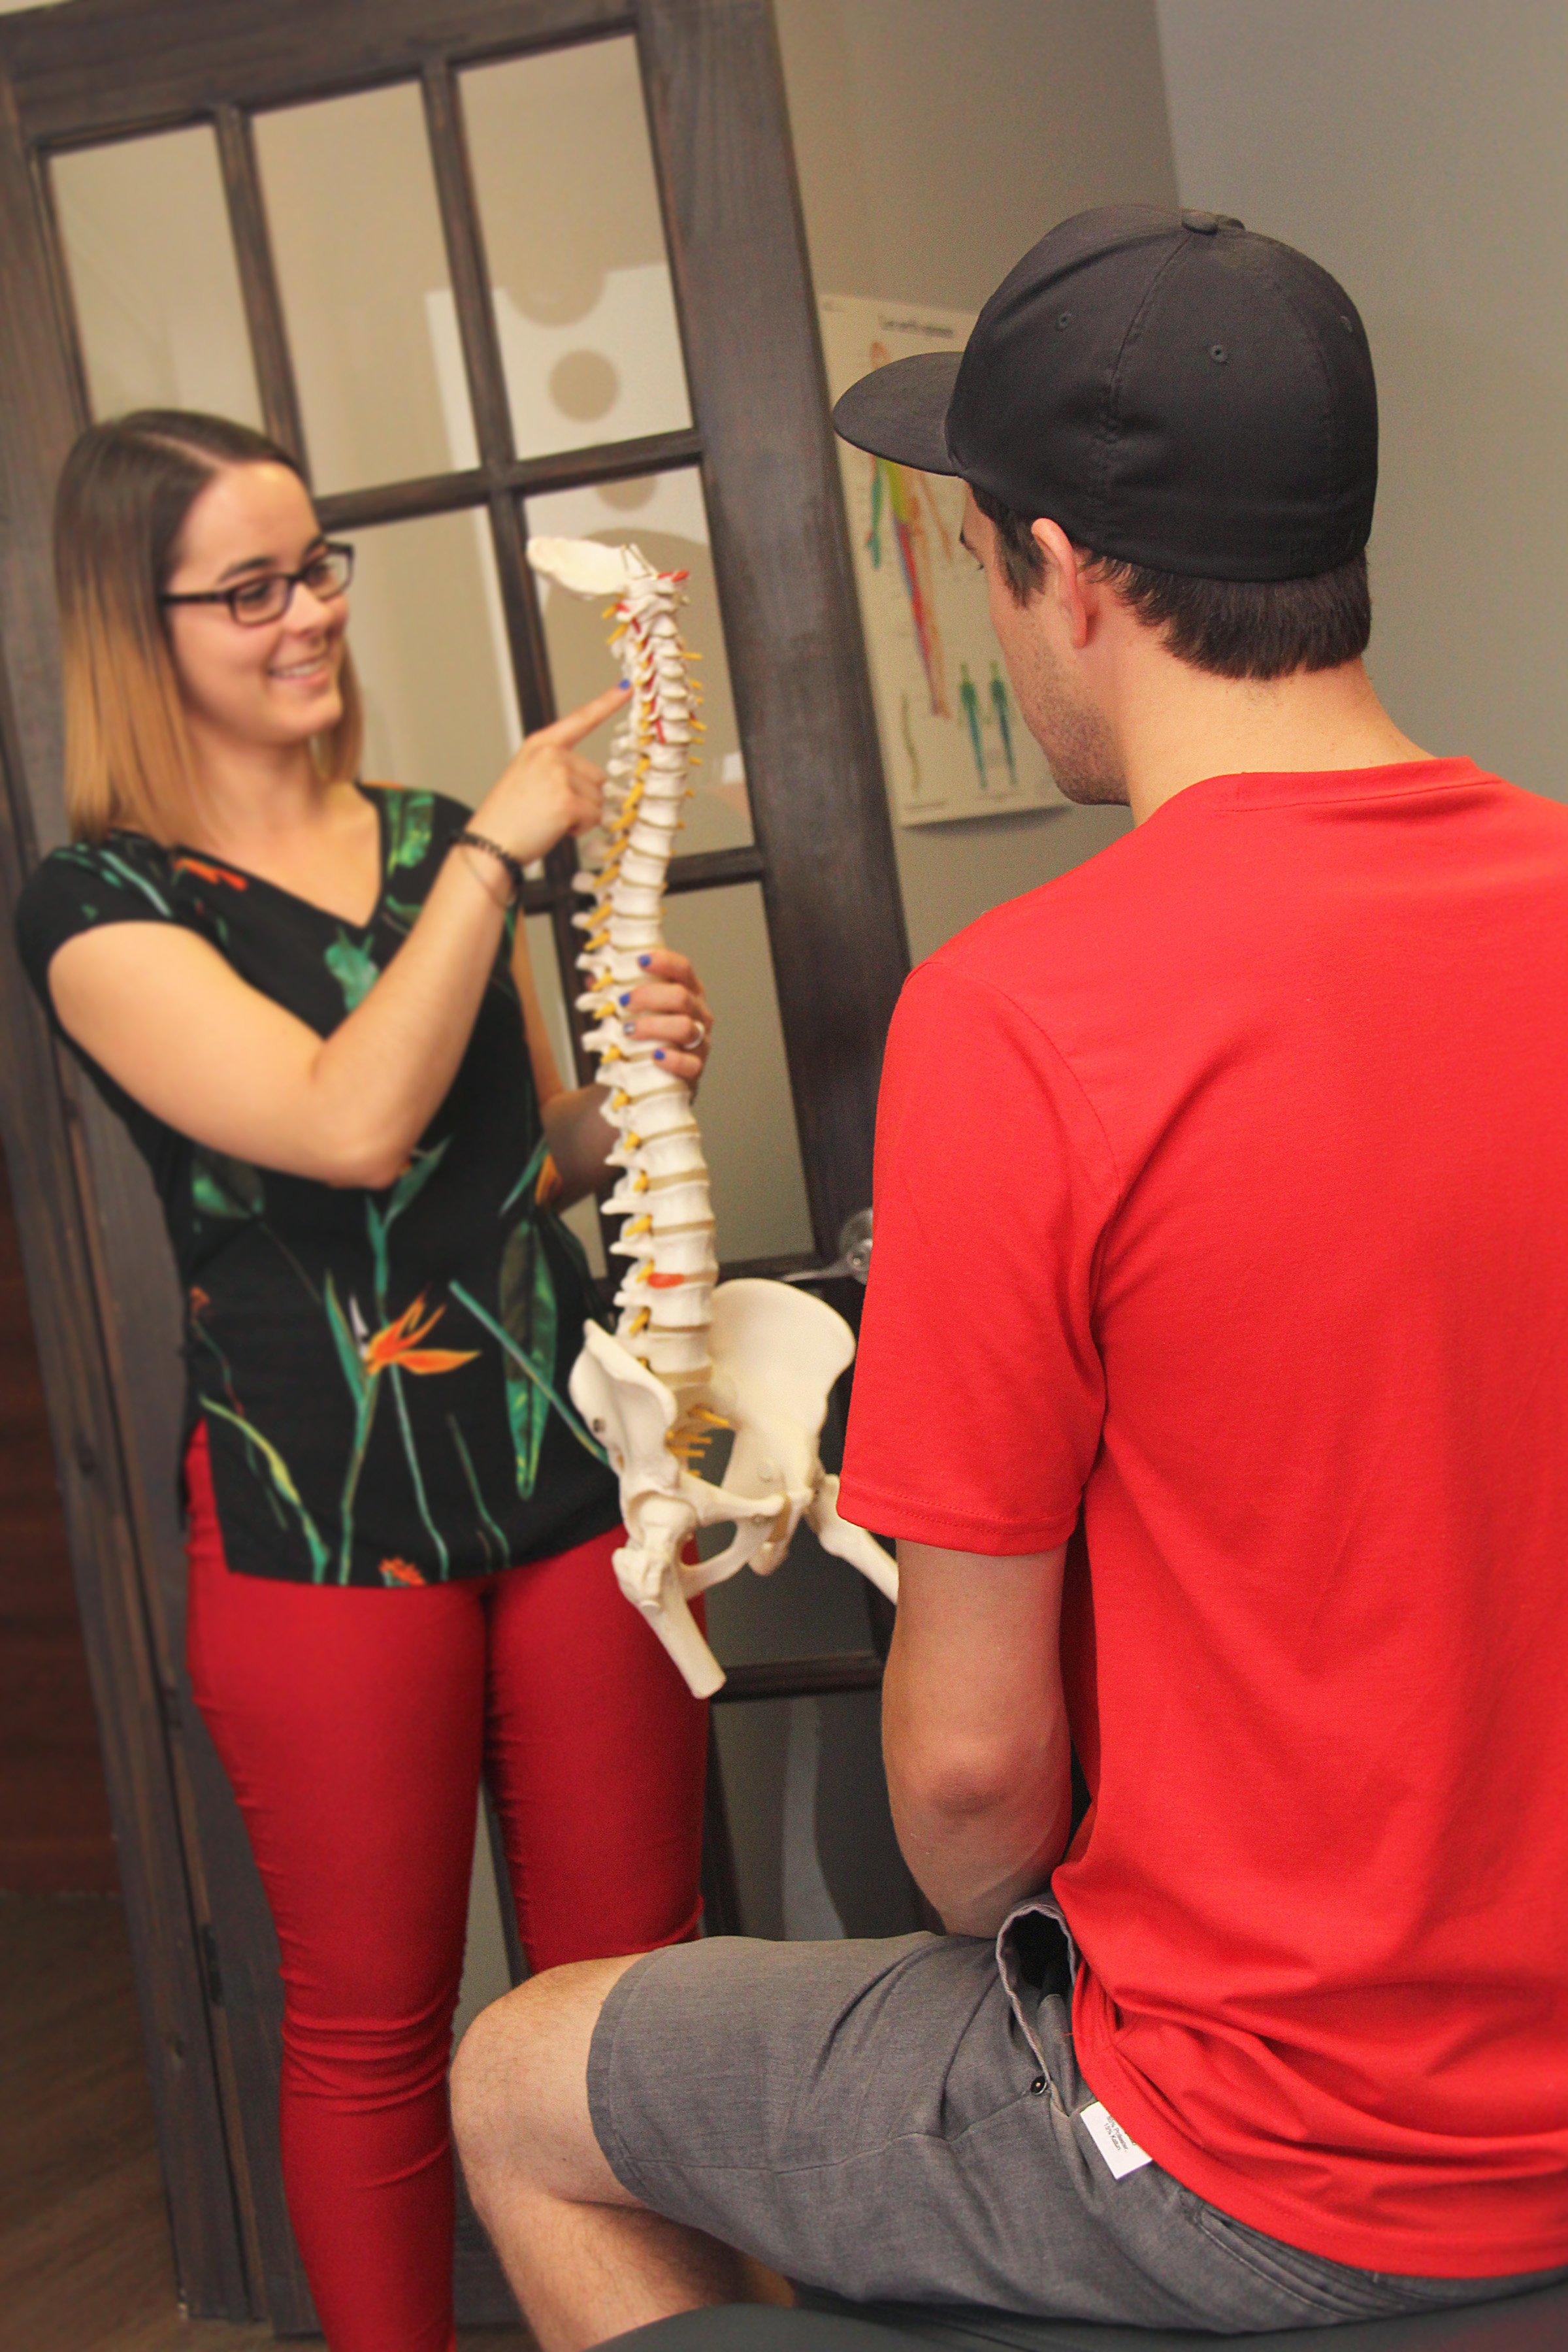 - Premier rendez-vousÀ votre premier rendez-vous, votre chiropraticien fera une anamnèse (question sur la problématique, revue des systèmes) et fera un examen physique complet et détaillé afin de cibler la source de votre débalancement neuro-musculo-squelettique. Par la suite, le chiropraticien sera en mesure de vous expliquer en détails votre diagnostic et ce qu'il vous propose pour régler le problème. Avec votre consentement, le premier rendez-vous comprend en général un premier traitement. Attendez-vous à passer environ 1h30 à la clinique.Visites subséquentesLe nombre de visites nécessaires est très variable d'une personne à l'autre et d'une condition à l'autre. Votre chiropraticien vous fera part de ses attentes lors de la première visite. À chacune des visites, votre chiropraticien réévalue votre situation afin d'avoir une meilleure idée de la progression de votre système nerveux. Les soins offerts à chacune des visites peuvent différer étant donné l'évolution de votre condition.